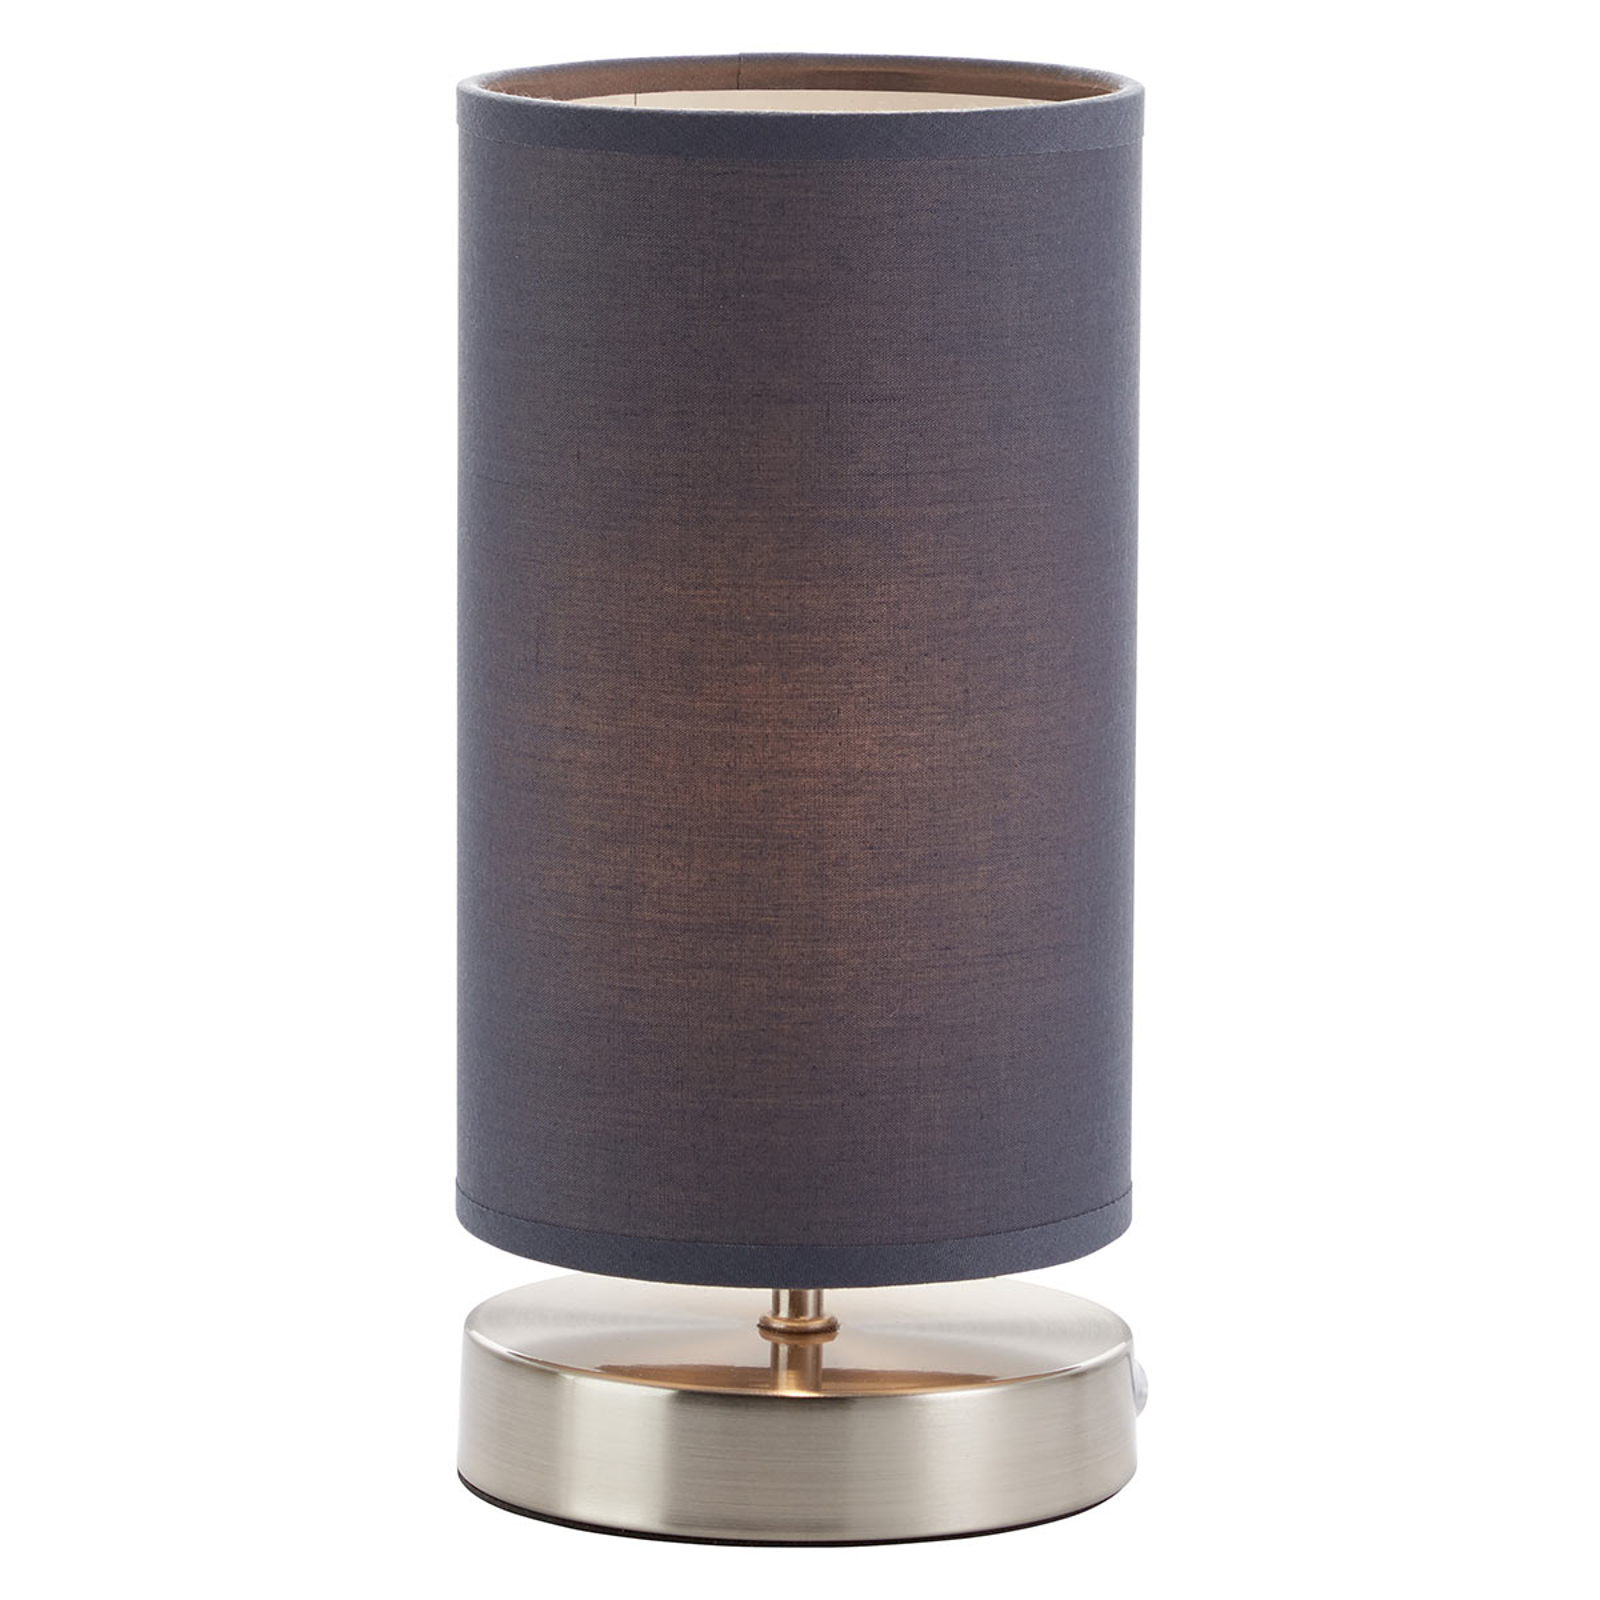 Stolná lampa Claire so sivým látkovým tienidlom_1508859_1